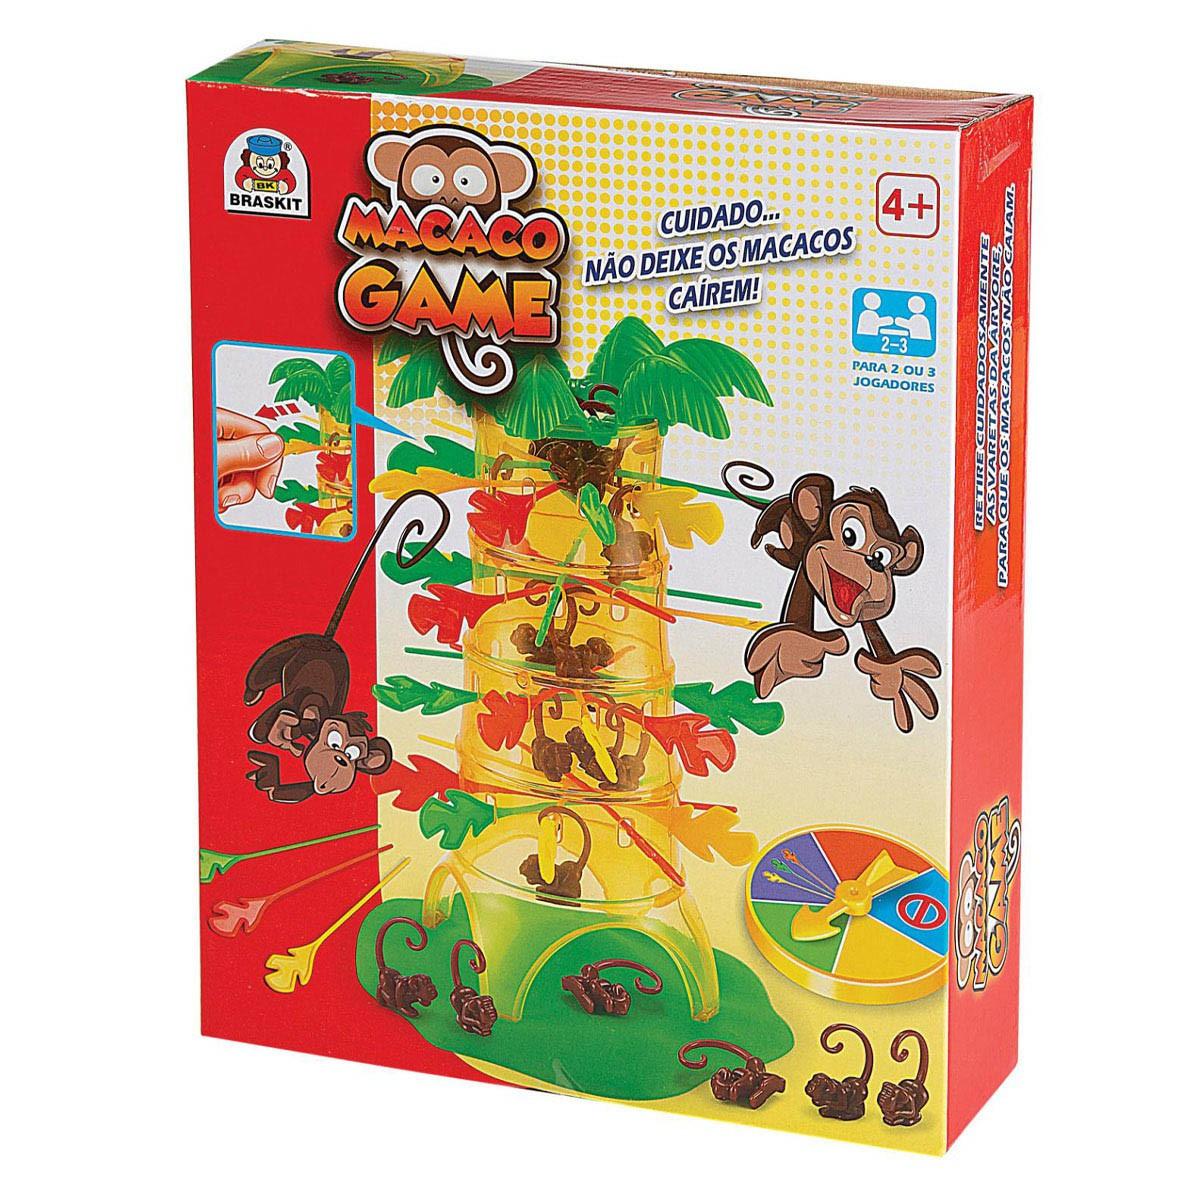 Jogo Macaco Game Não Deixe o Macaco Cair Braskit 100-1